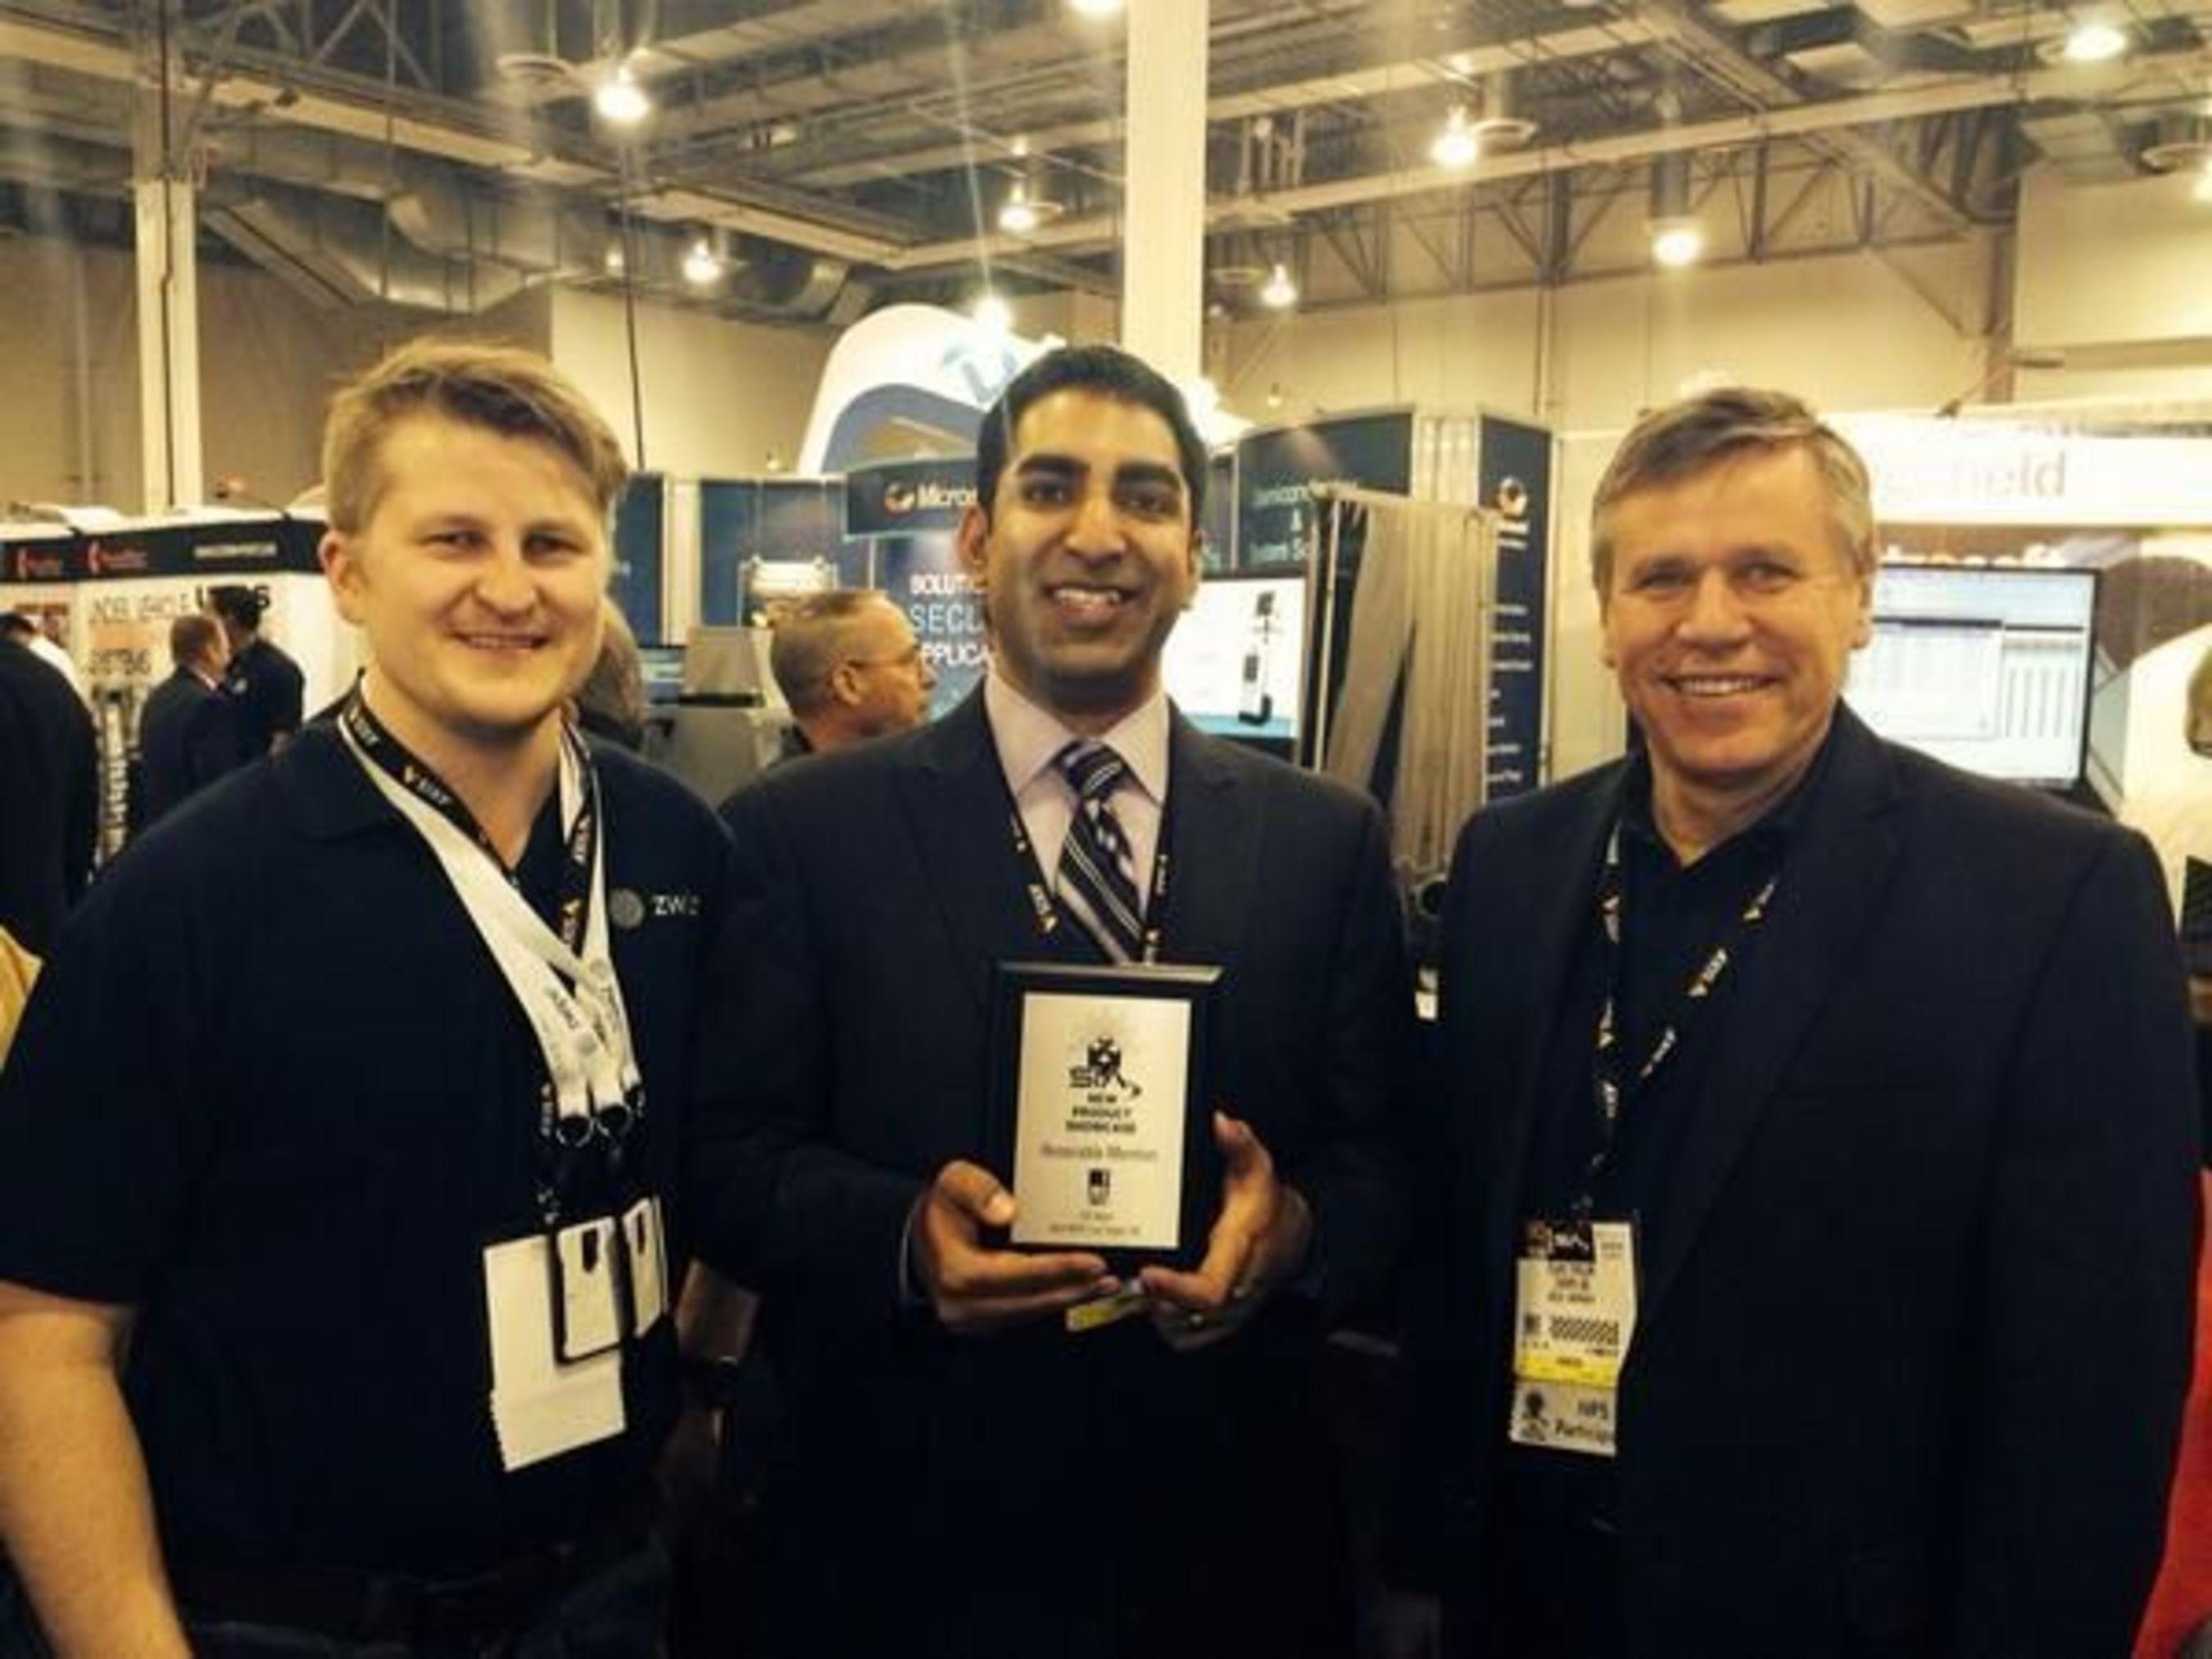 Zwipe wins new product award at ISC West. (PRNewsFoto/Zwipe AS)